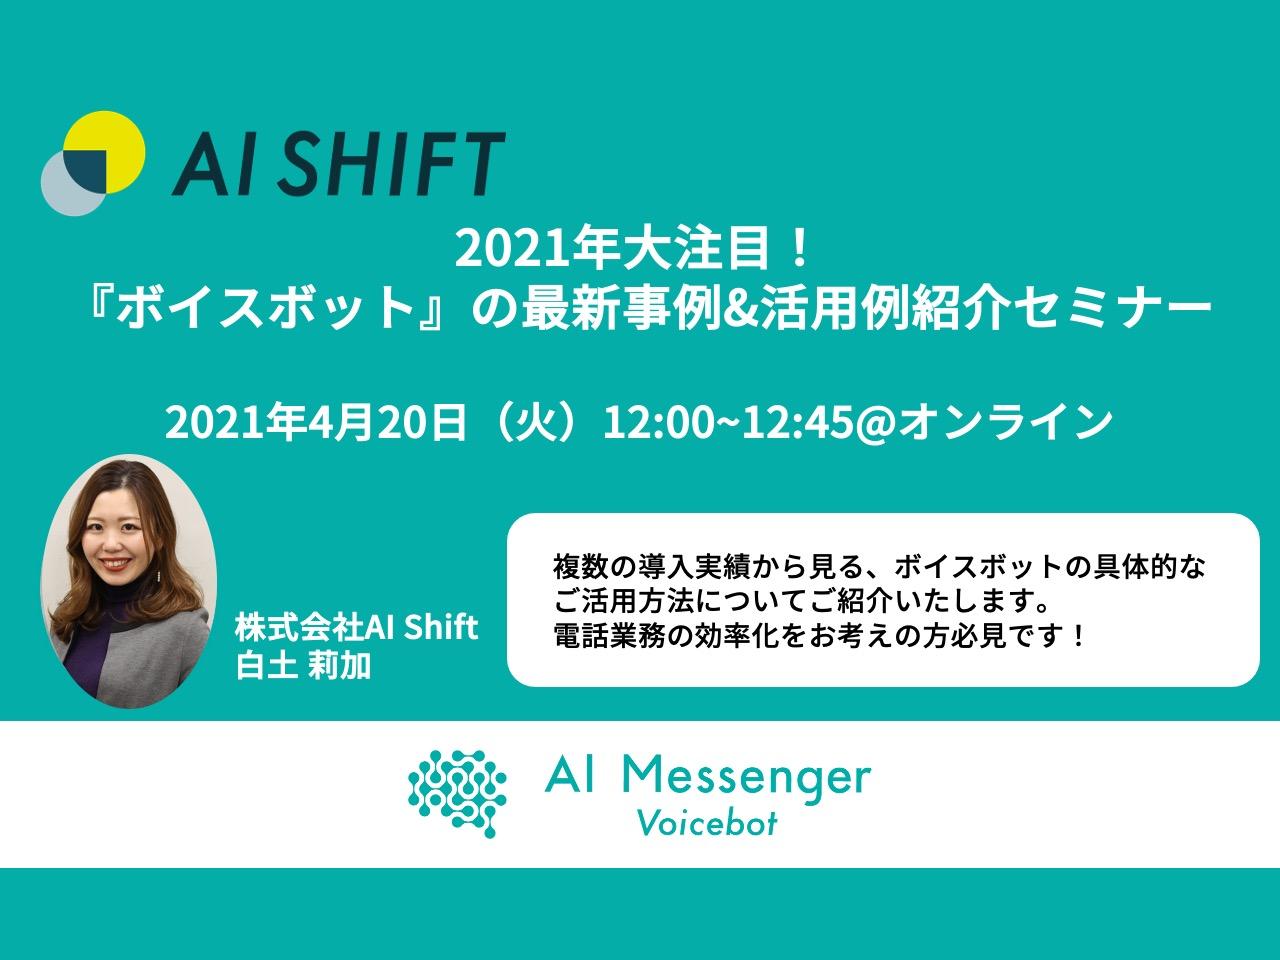 【4月20日(火)開催|オンラインセミナー】 2021年大注目!『ボイスボット』の最新事例&活用例紹介セミナー